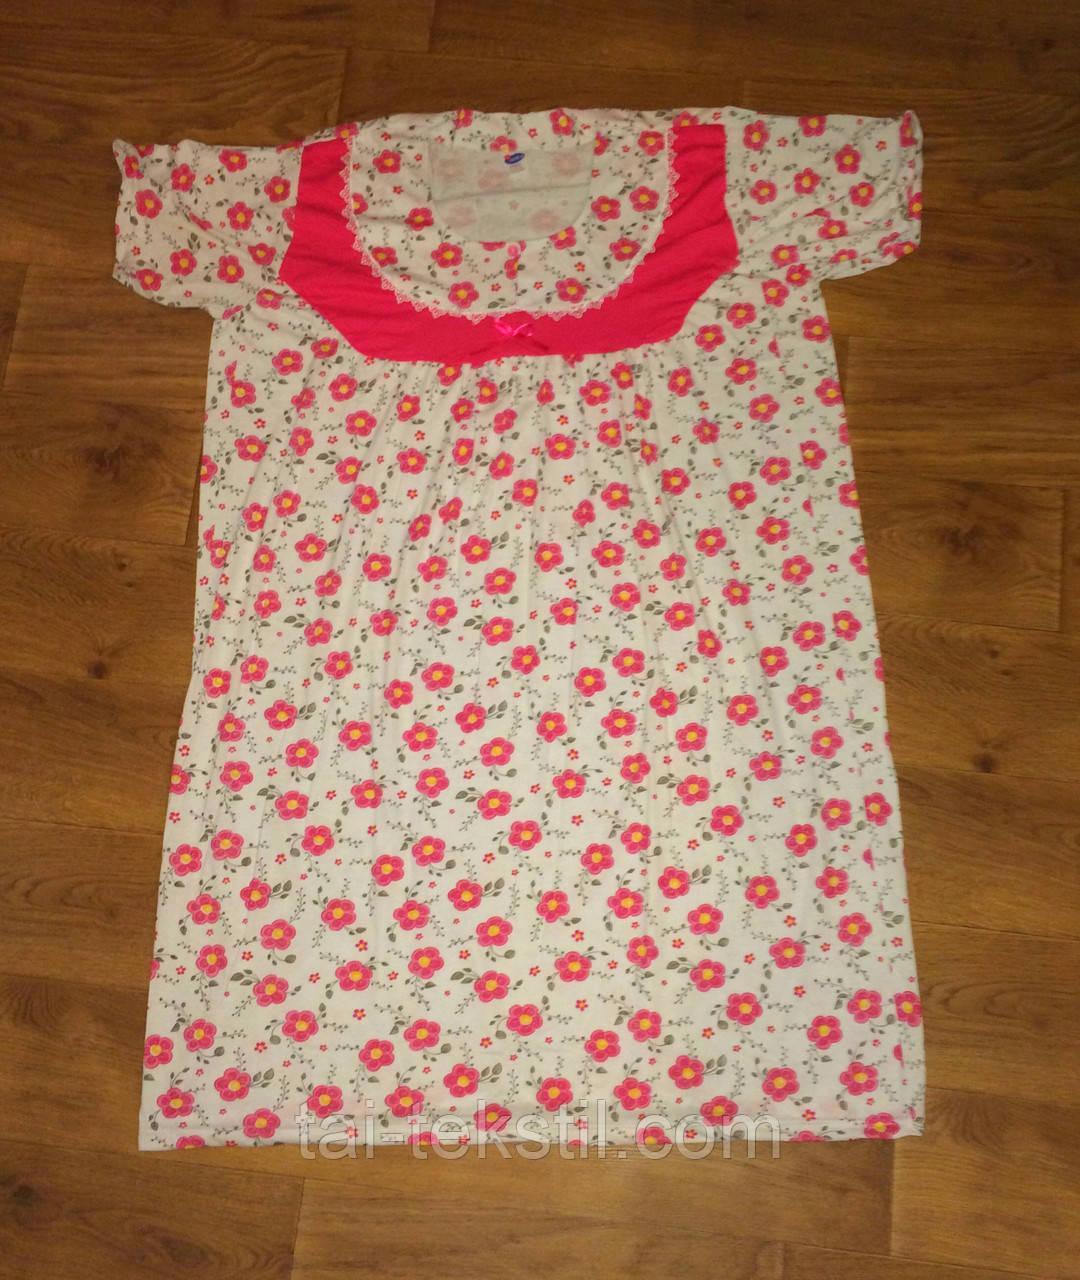 Oncu ночная рубашка очень больших размеров хлопок в разных цветах Турция (62-64р)